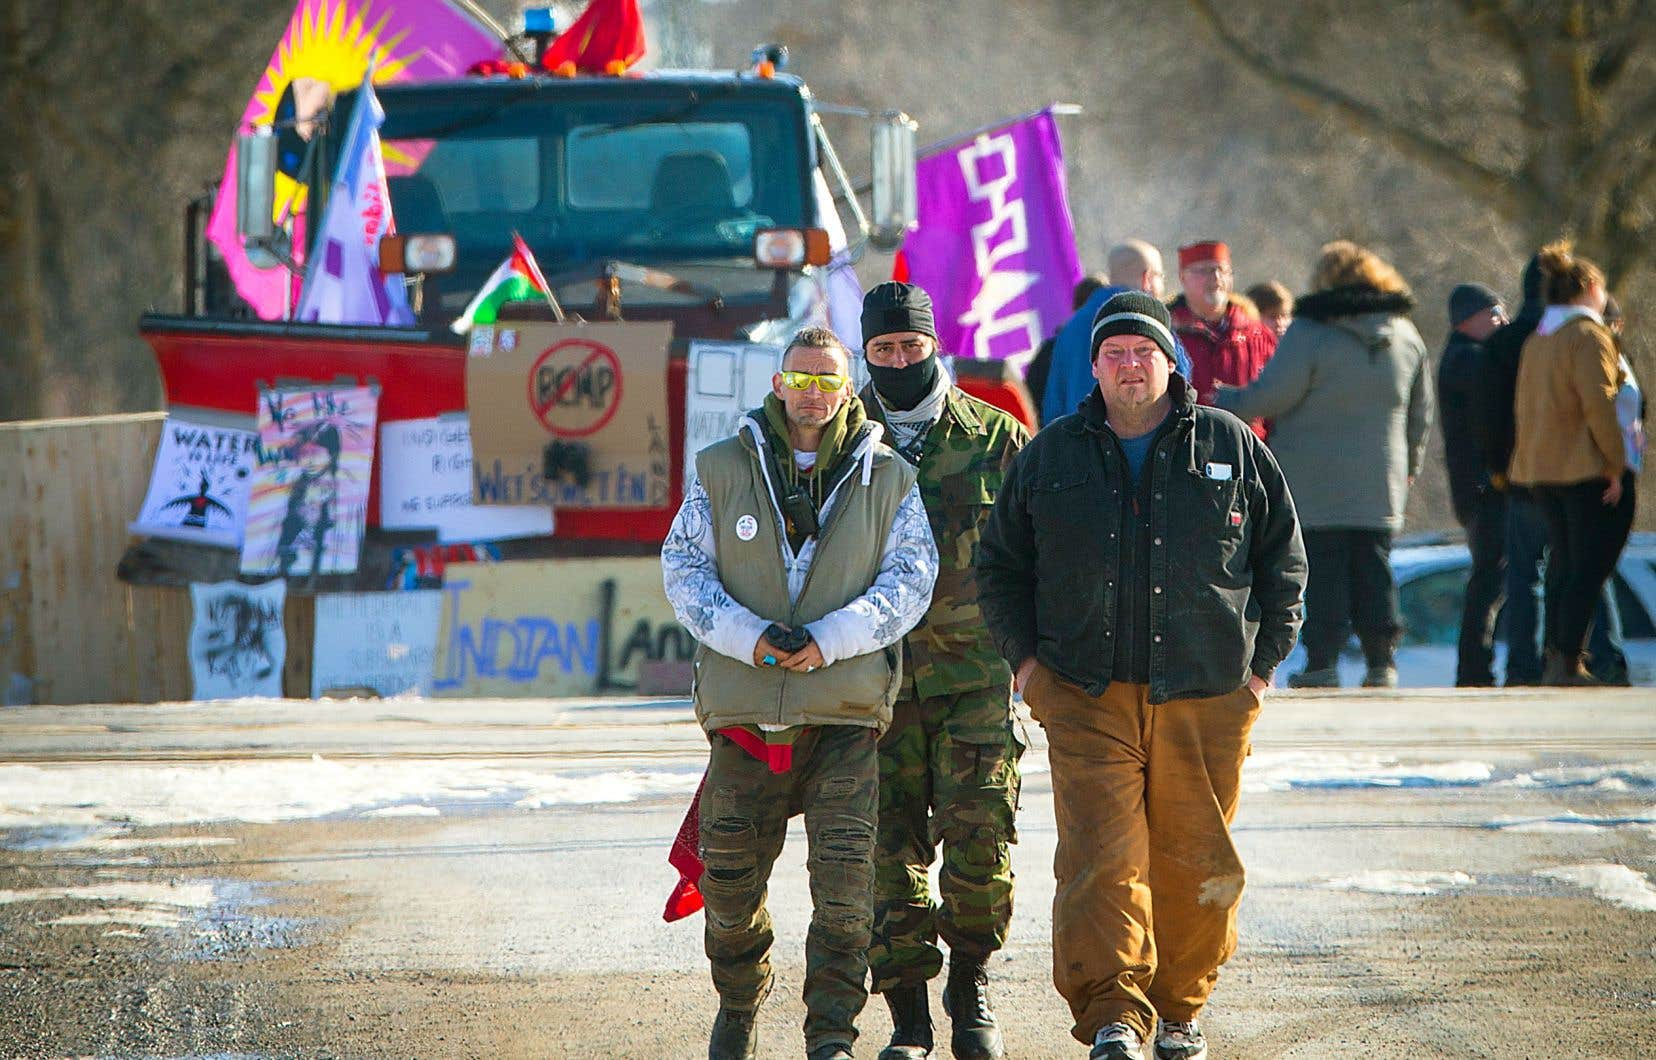 À Tyendinaga, en Ontario, les Mohawks interdisent aux journalistes de s'approcher de la barricade.